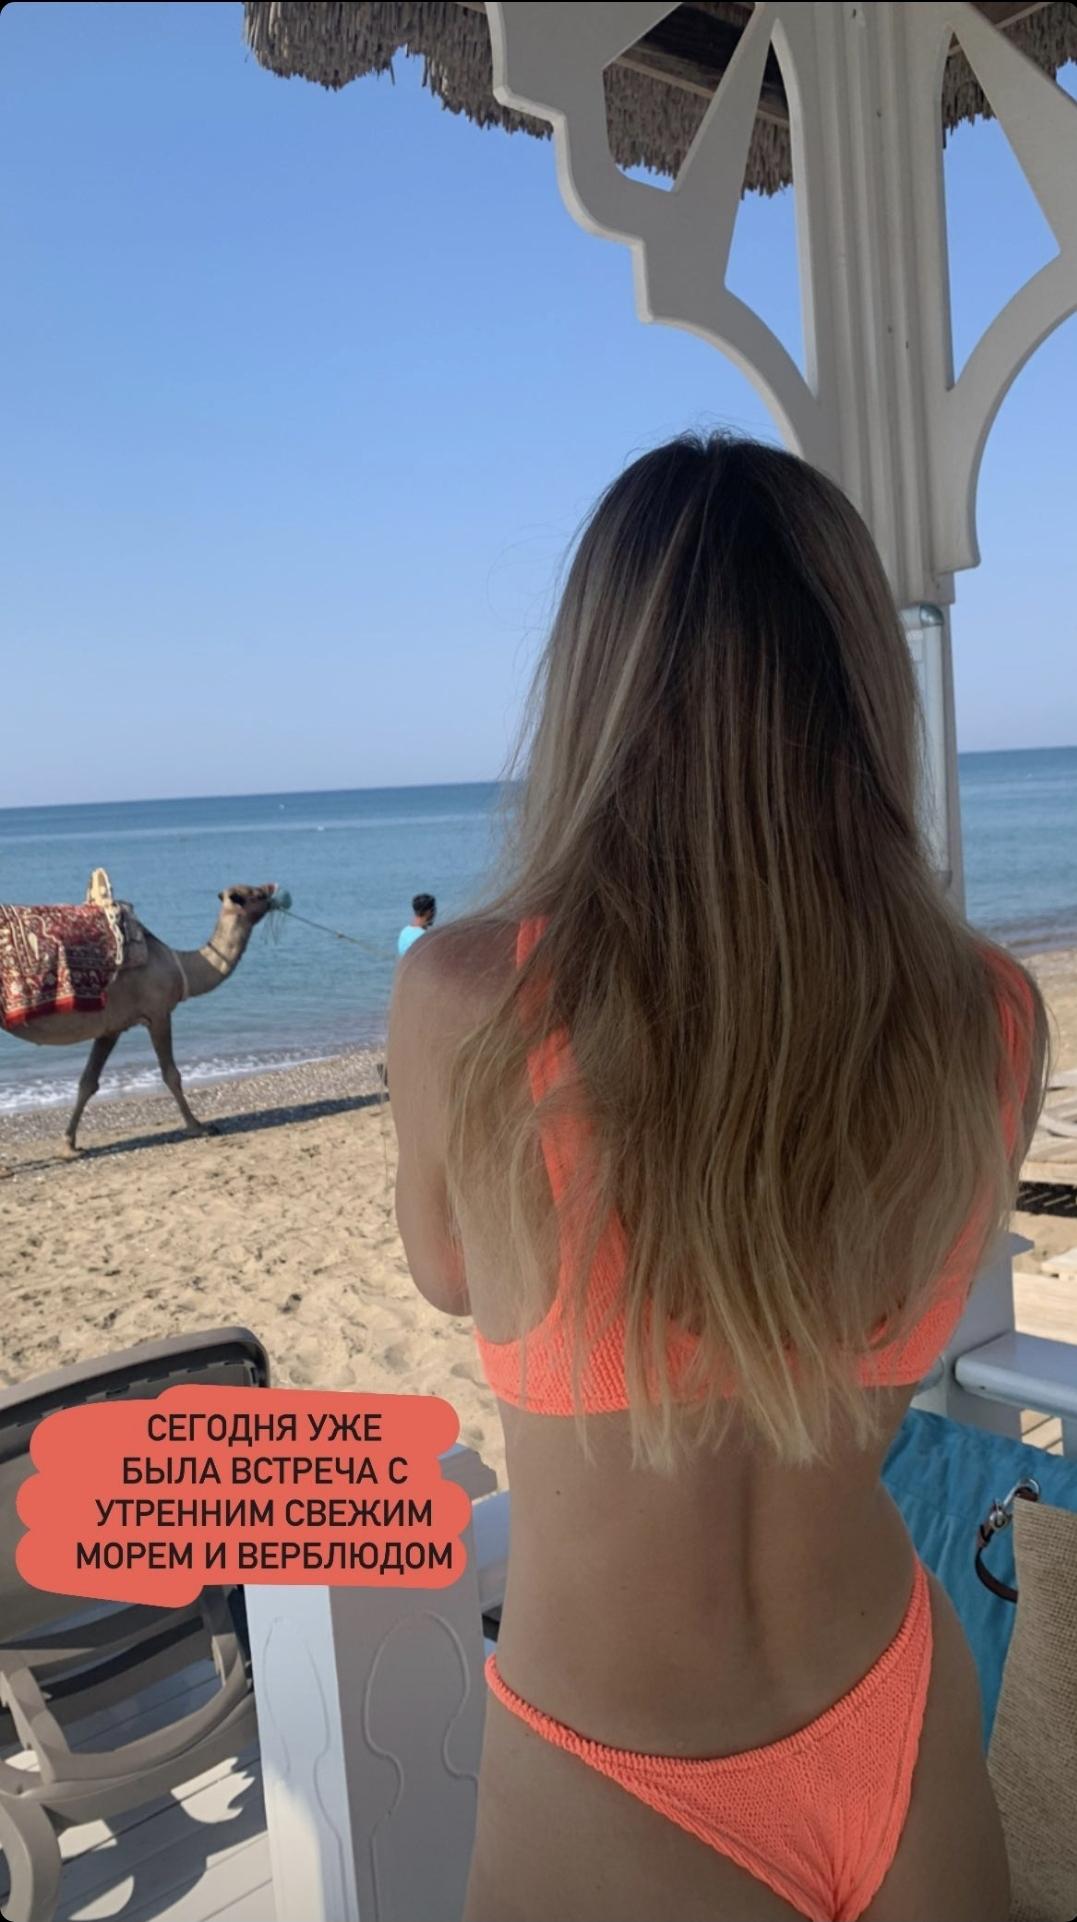 На отдыхе в Турции Вера Брежнева в купальнике сделала фото своей груди крупным планом